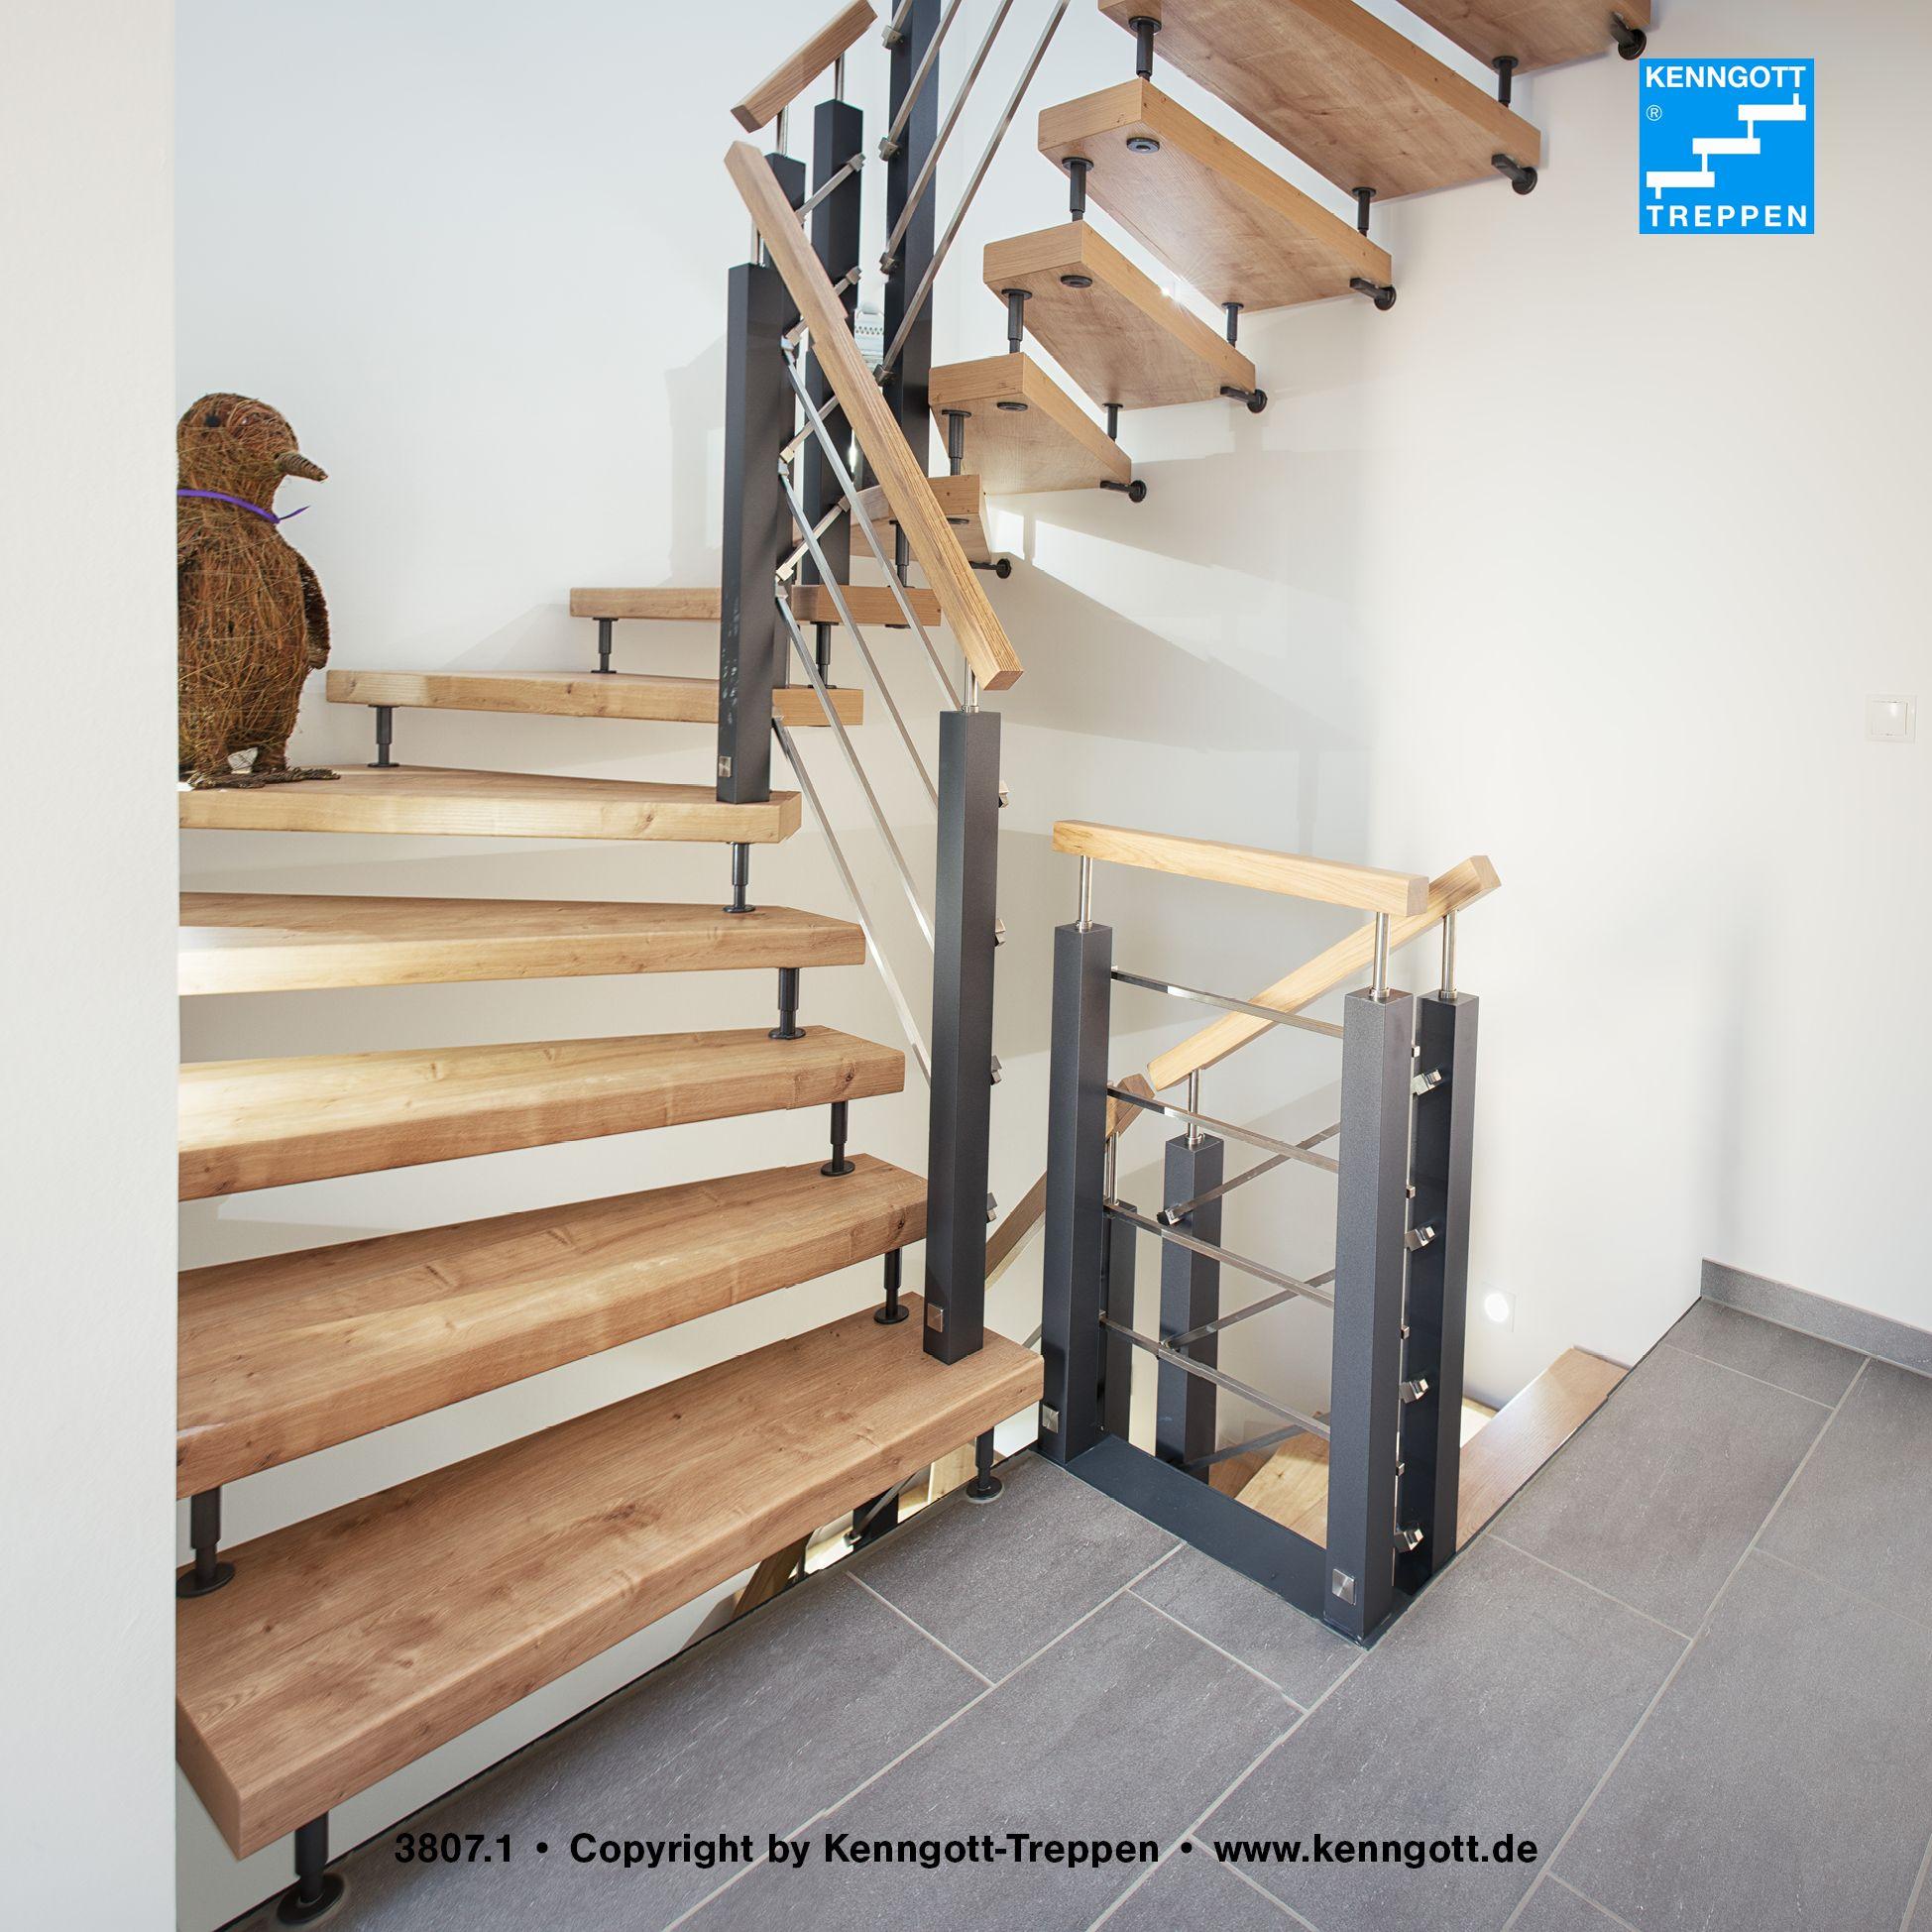 pin von kenngott treppen auf kenngott treppen in 2019. Black Bedroom Furniture Sets. Home Design Ideas